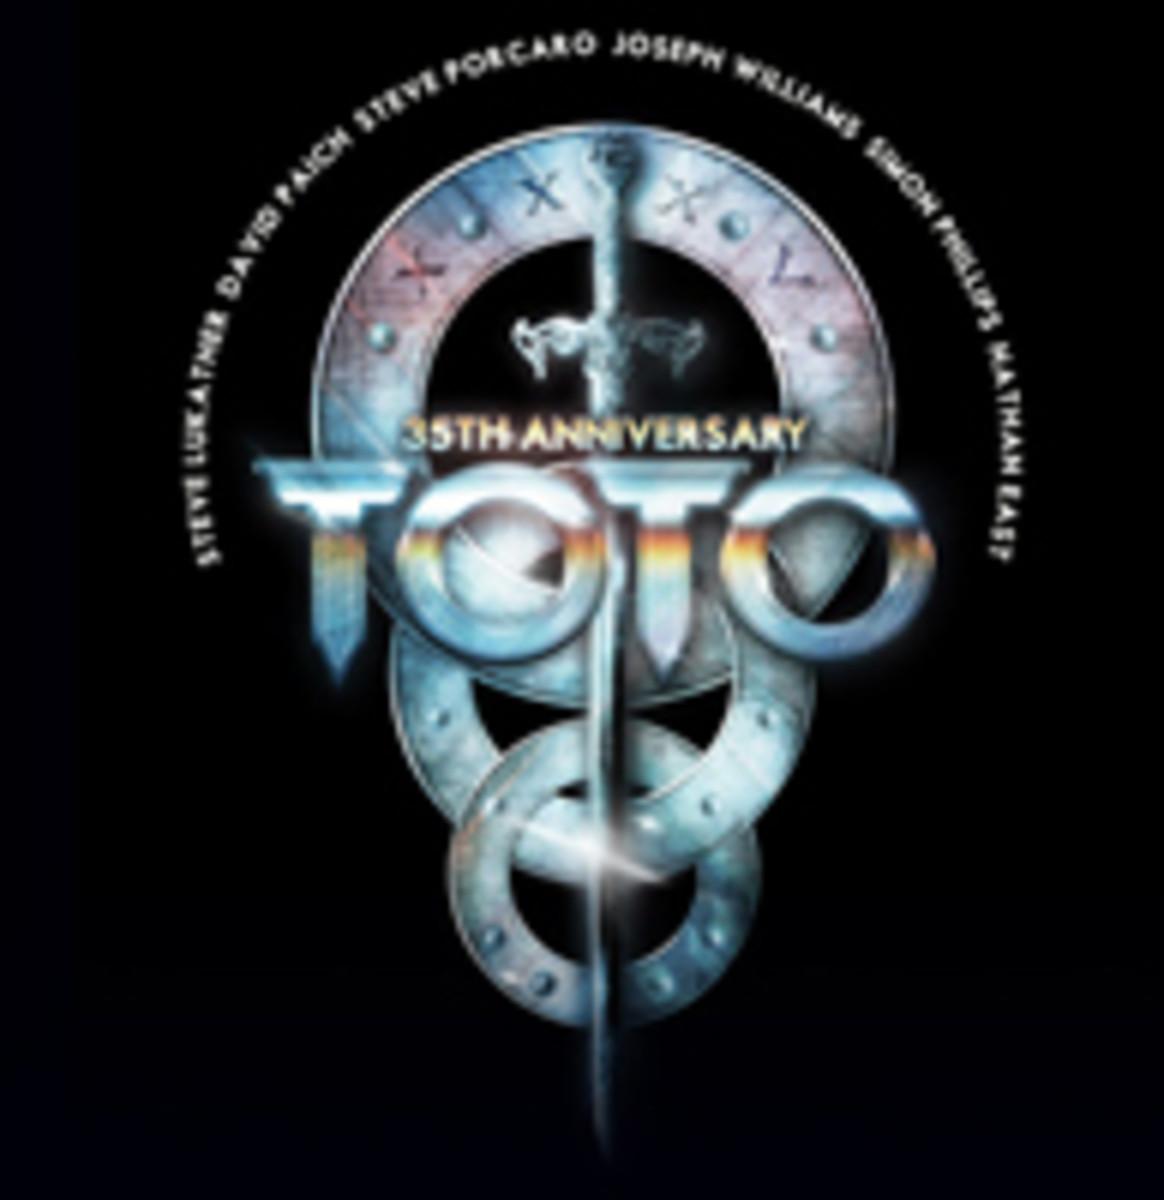 Toto 2013 tour